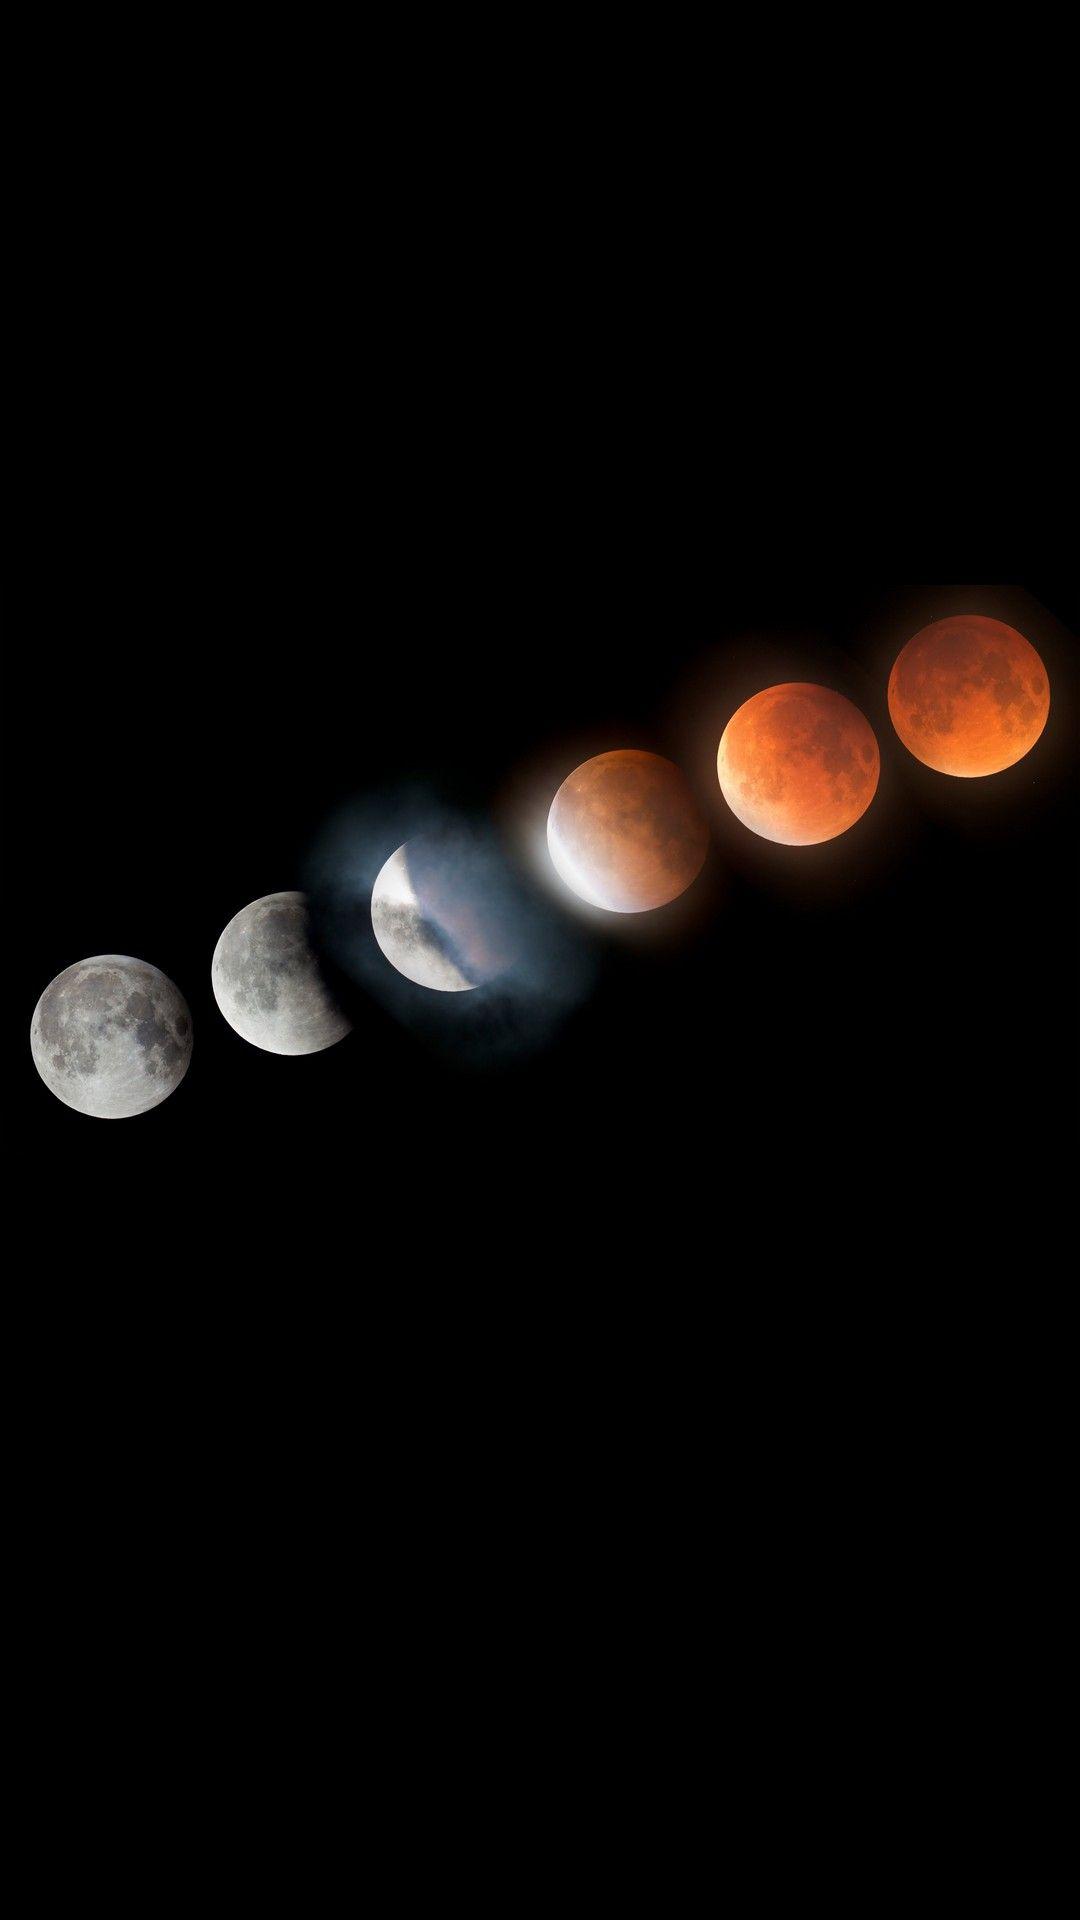 iPhone X Wallpaper Super Blood Moon Lunar Eclipse